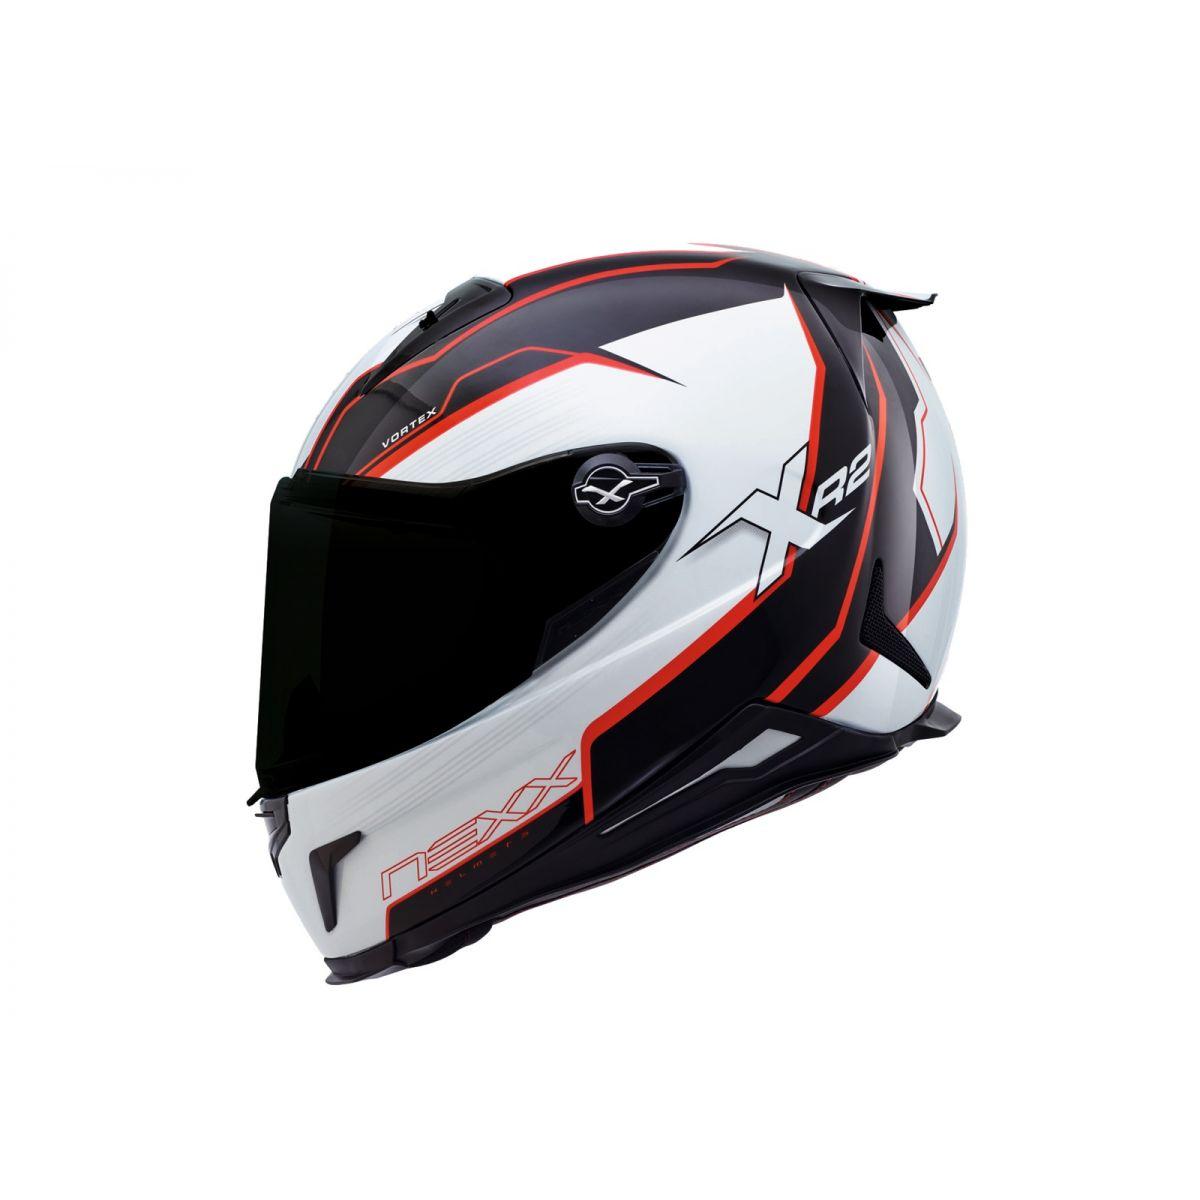 Capacete Nexx XR2 Vortex Vermelho - Só 60 e 62  - Nova Centro Boutique Roupas para Motociclistas